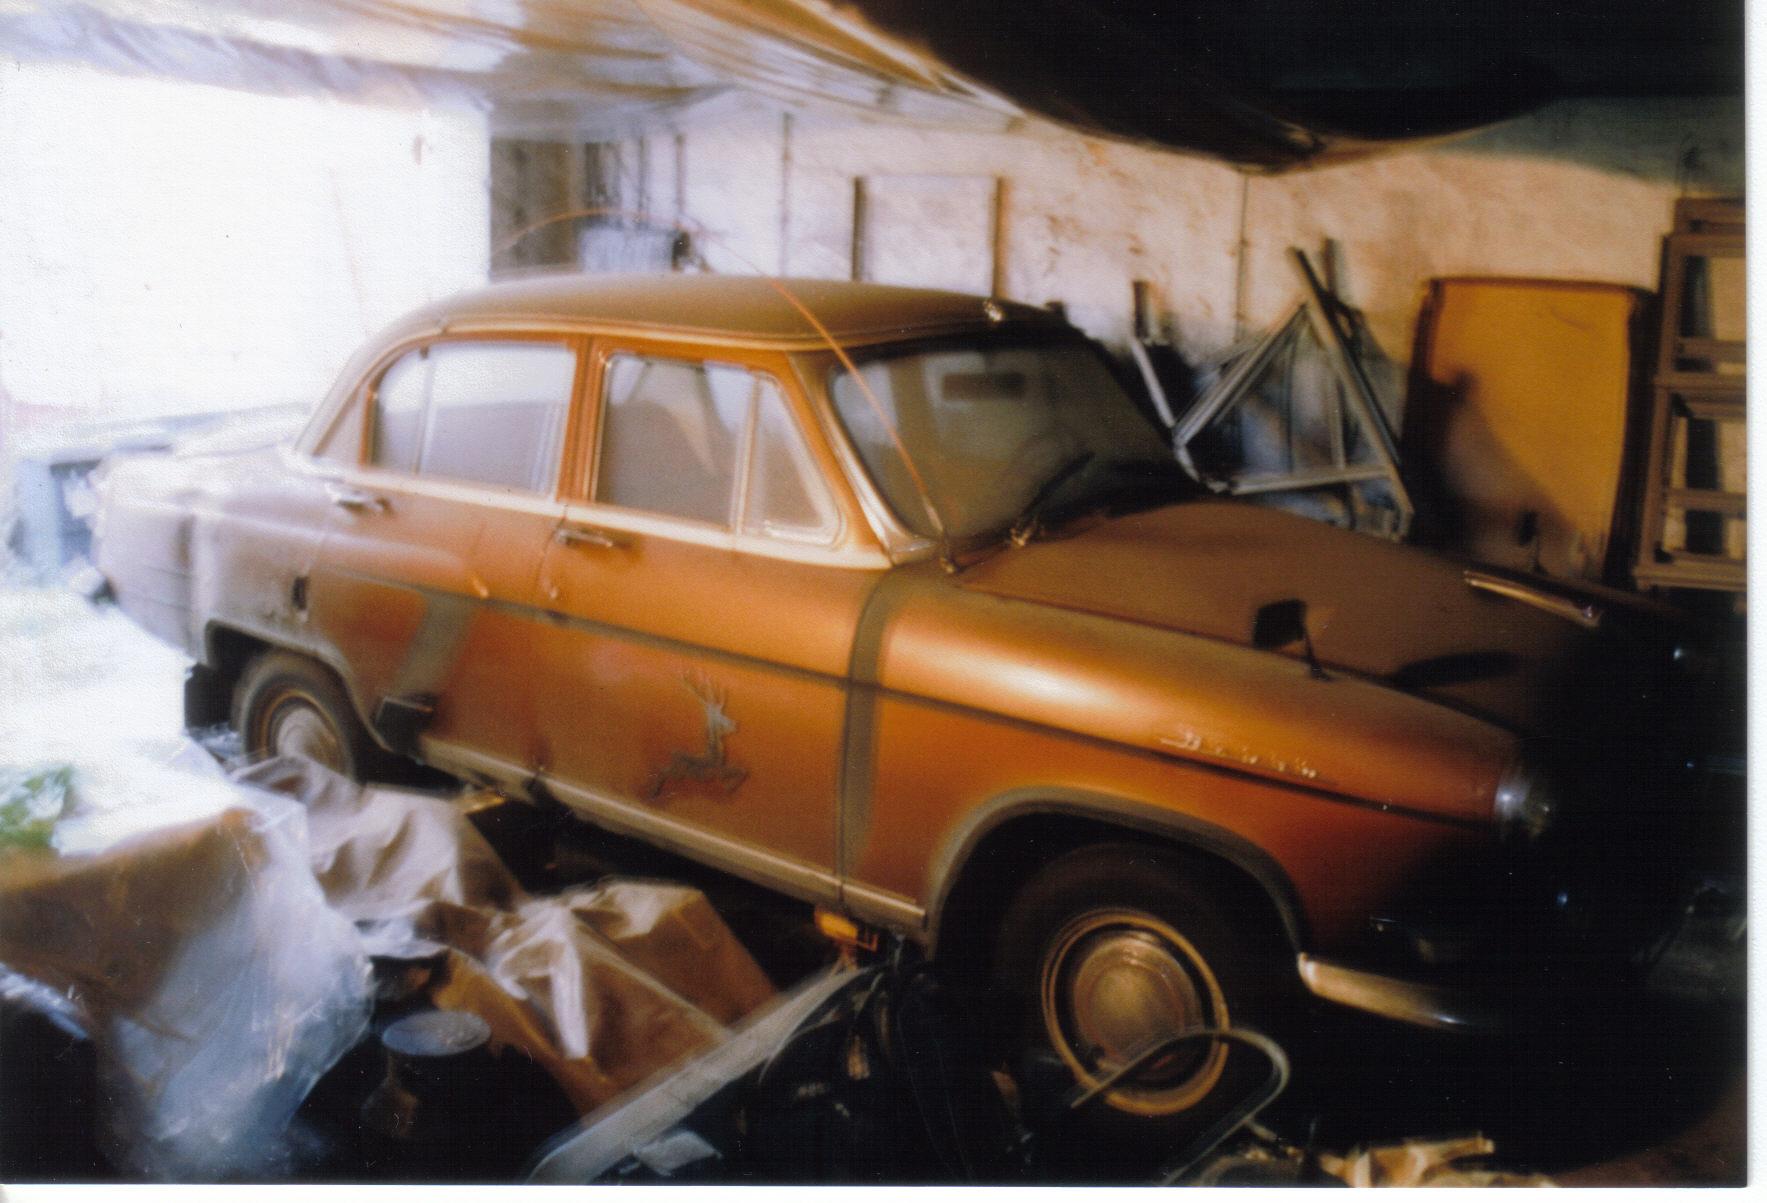 wolga m21 bj 1966 in brandenburg ot wust kfz specials kleinanzeigen. Black Bedroom Furniture Sets. Home Design Ideas